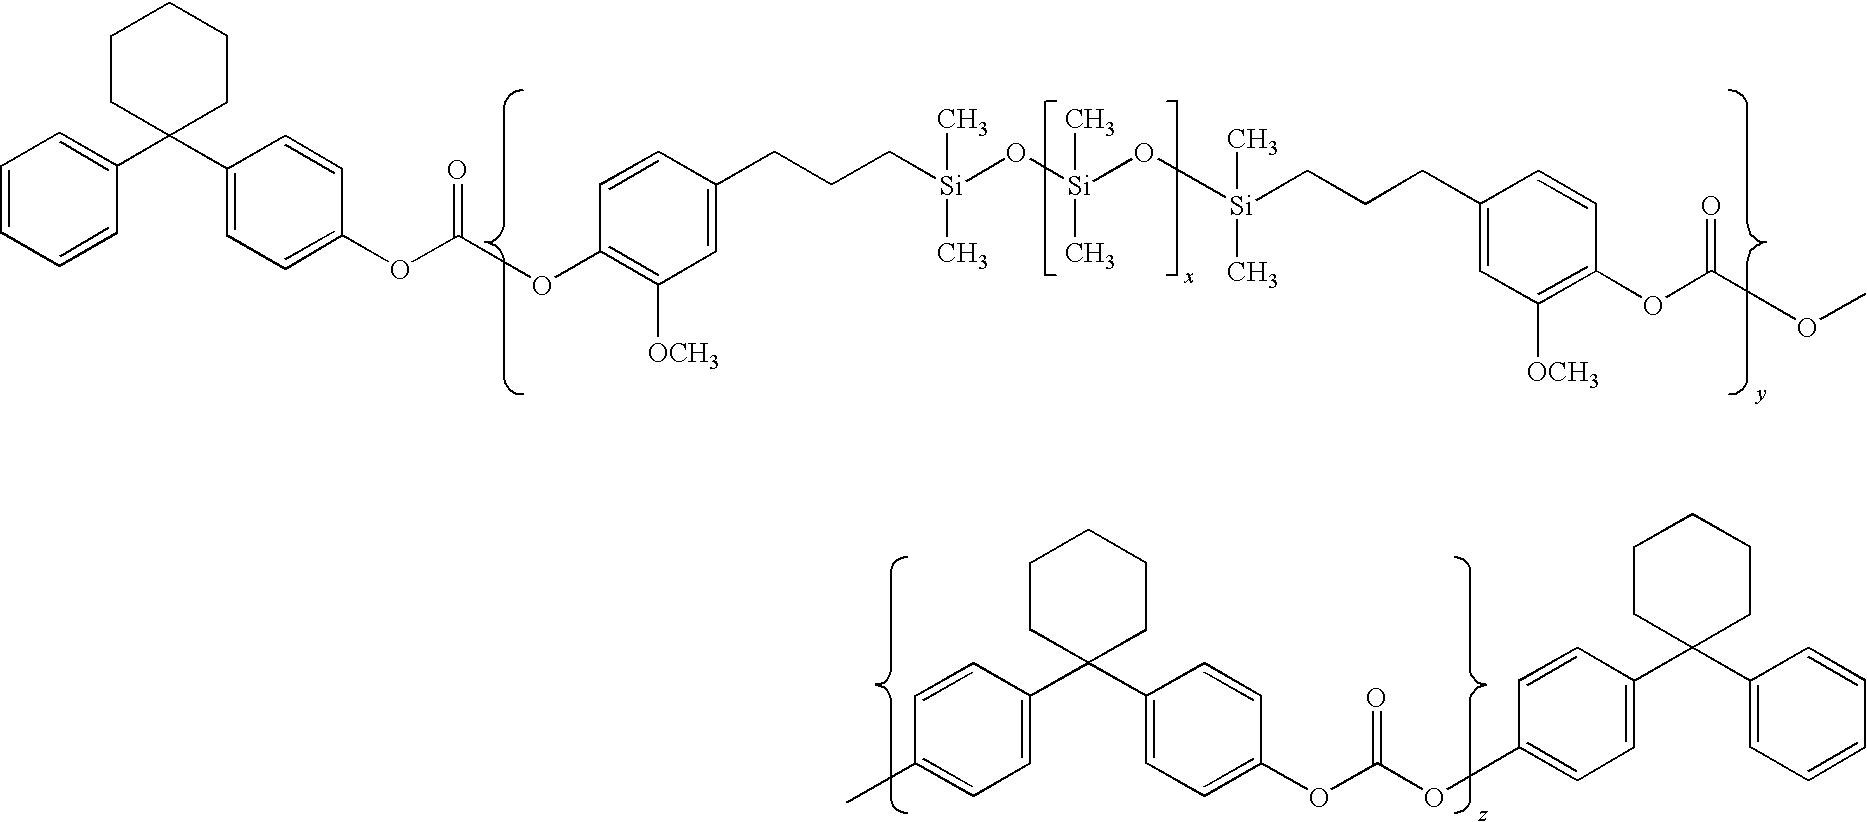 Figure US07943278-20110517-C00013